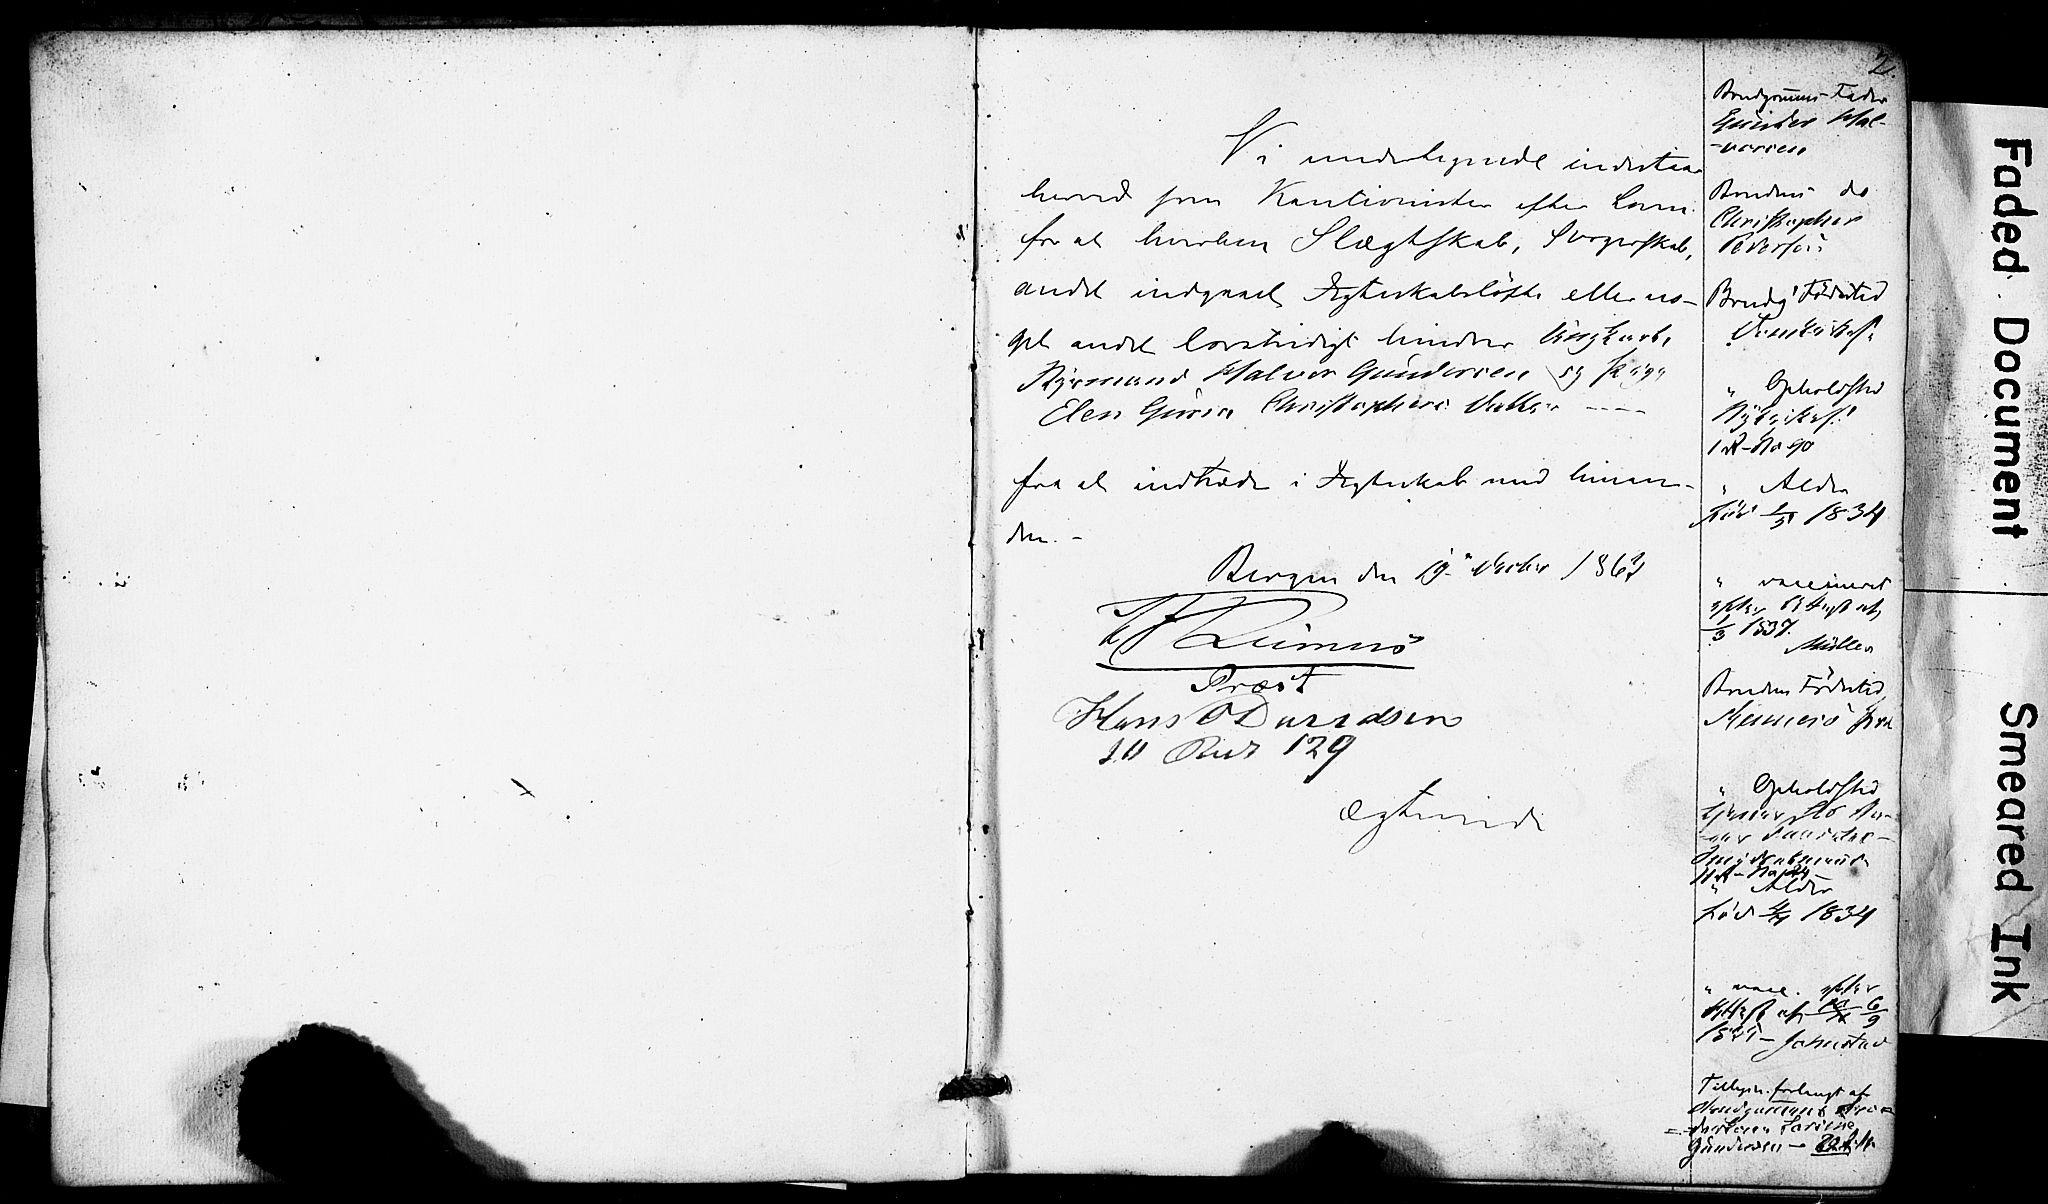 SAB, Domkirken Sokneprestembete, Forlovererklæringer nr. II.5.6, 1863-1870, s. 2